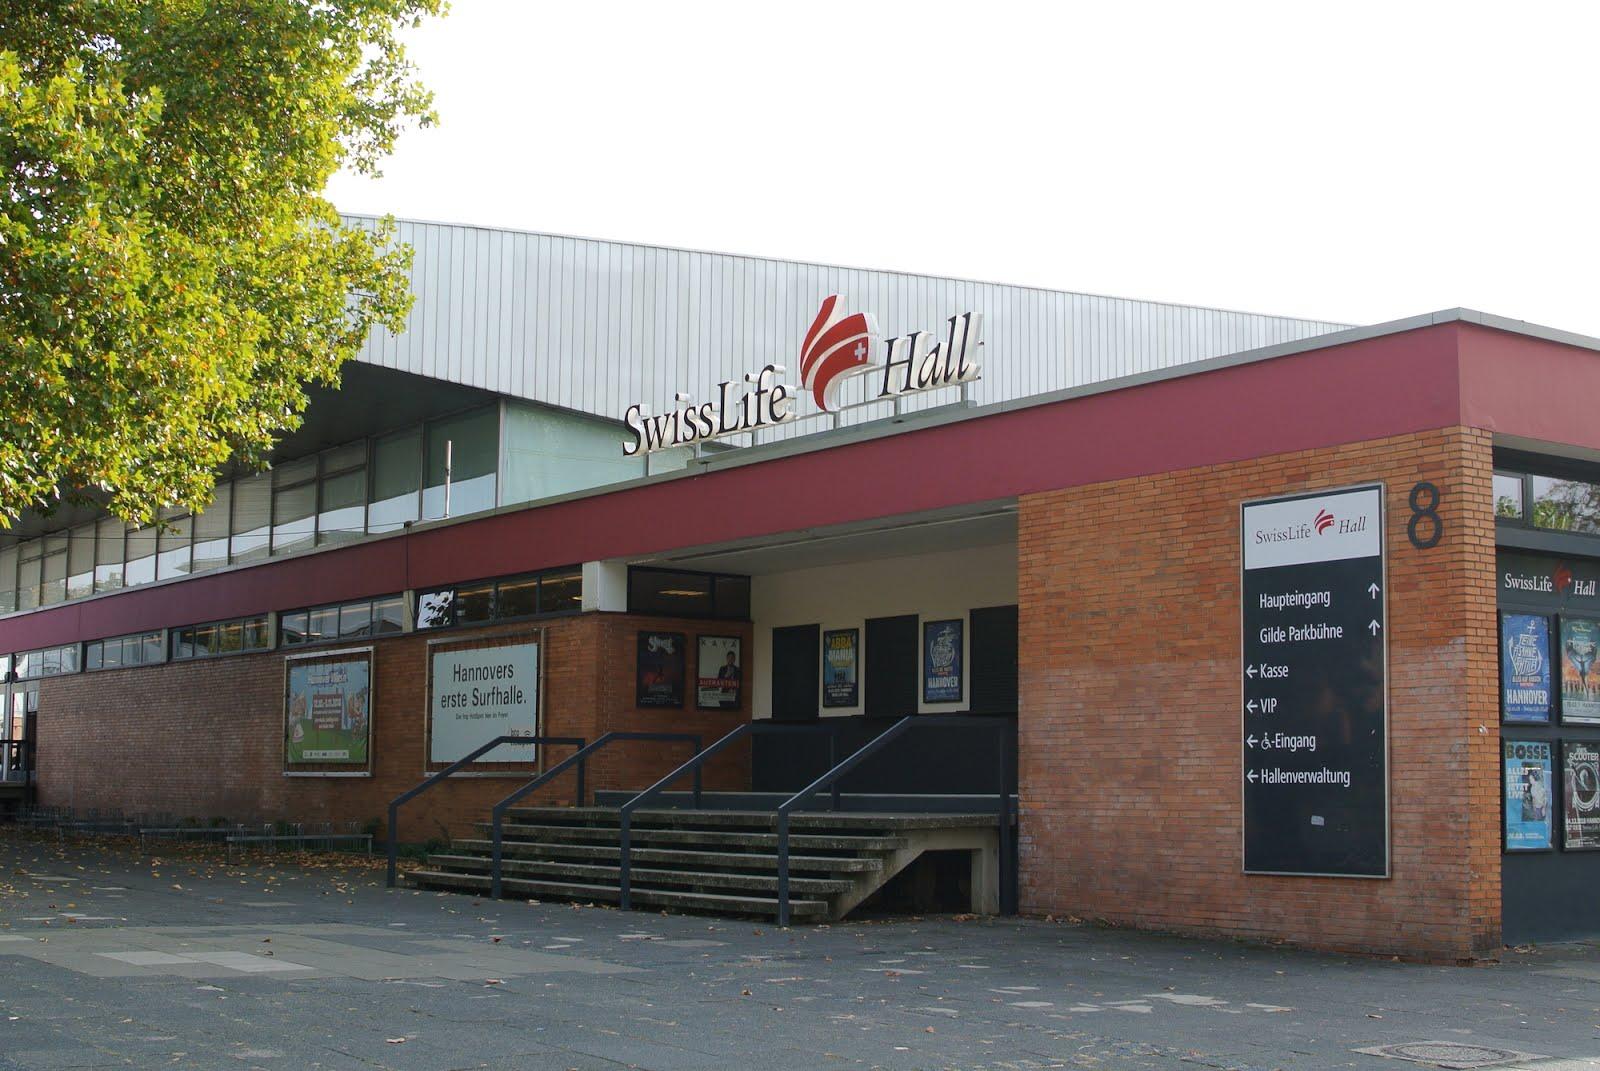 Anfahrt zur Swiss Life Hall - Tickets